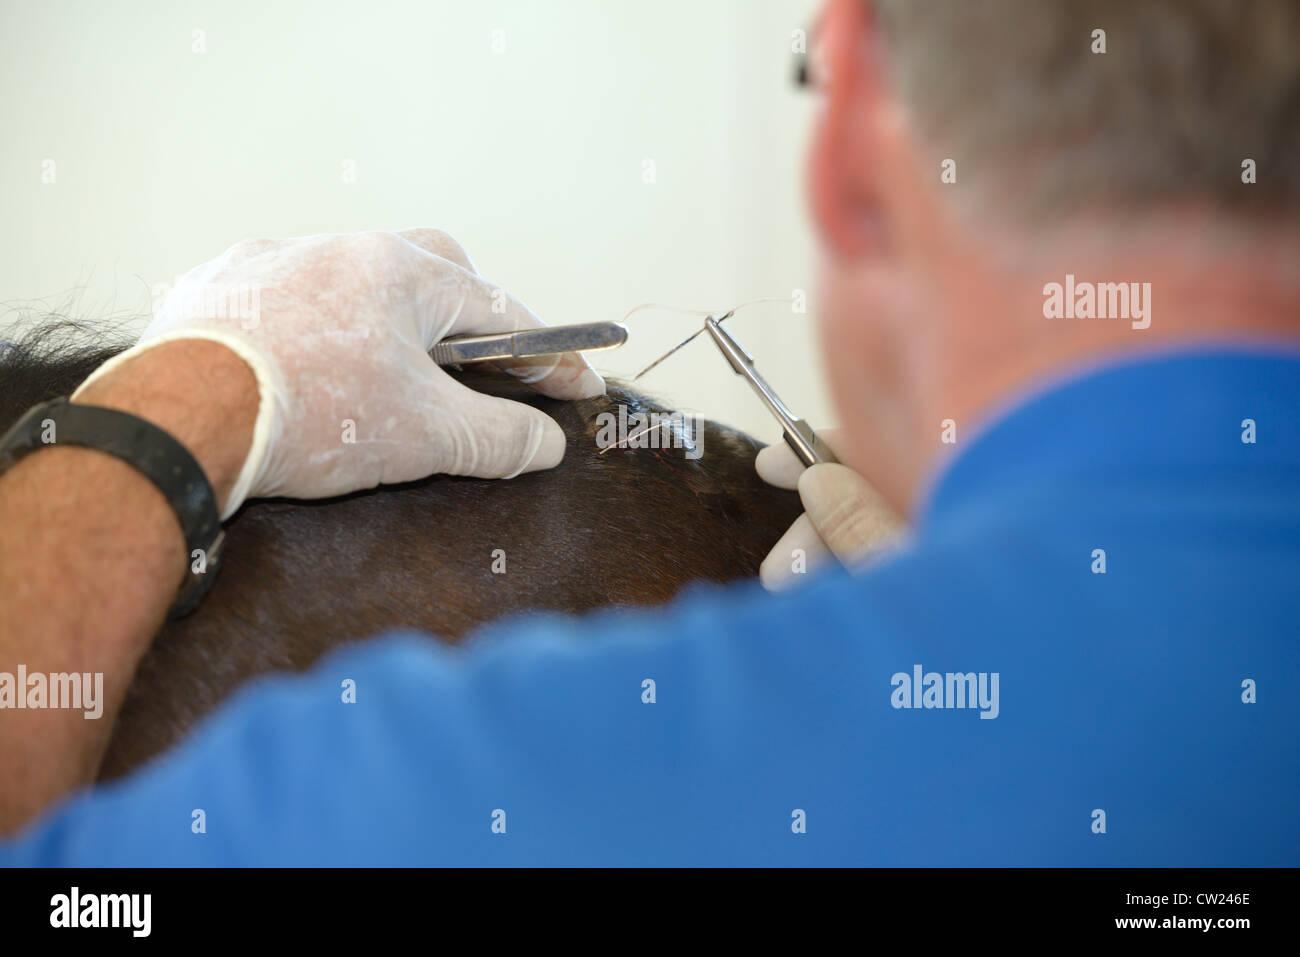 Pferd Tierarzt Nähte einen tiefen Schnitt auf dem Widerrist der Bucht Vollblut Pferde Stockbild